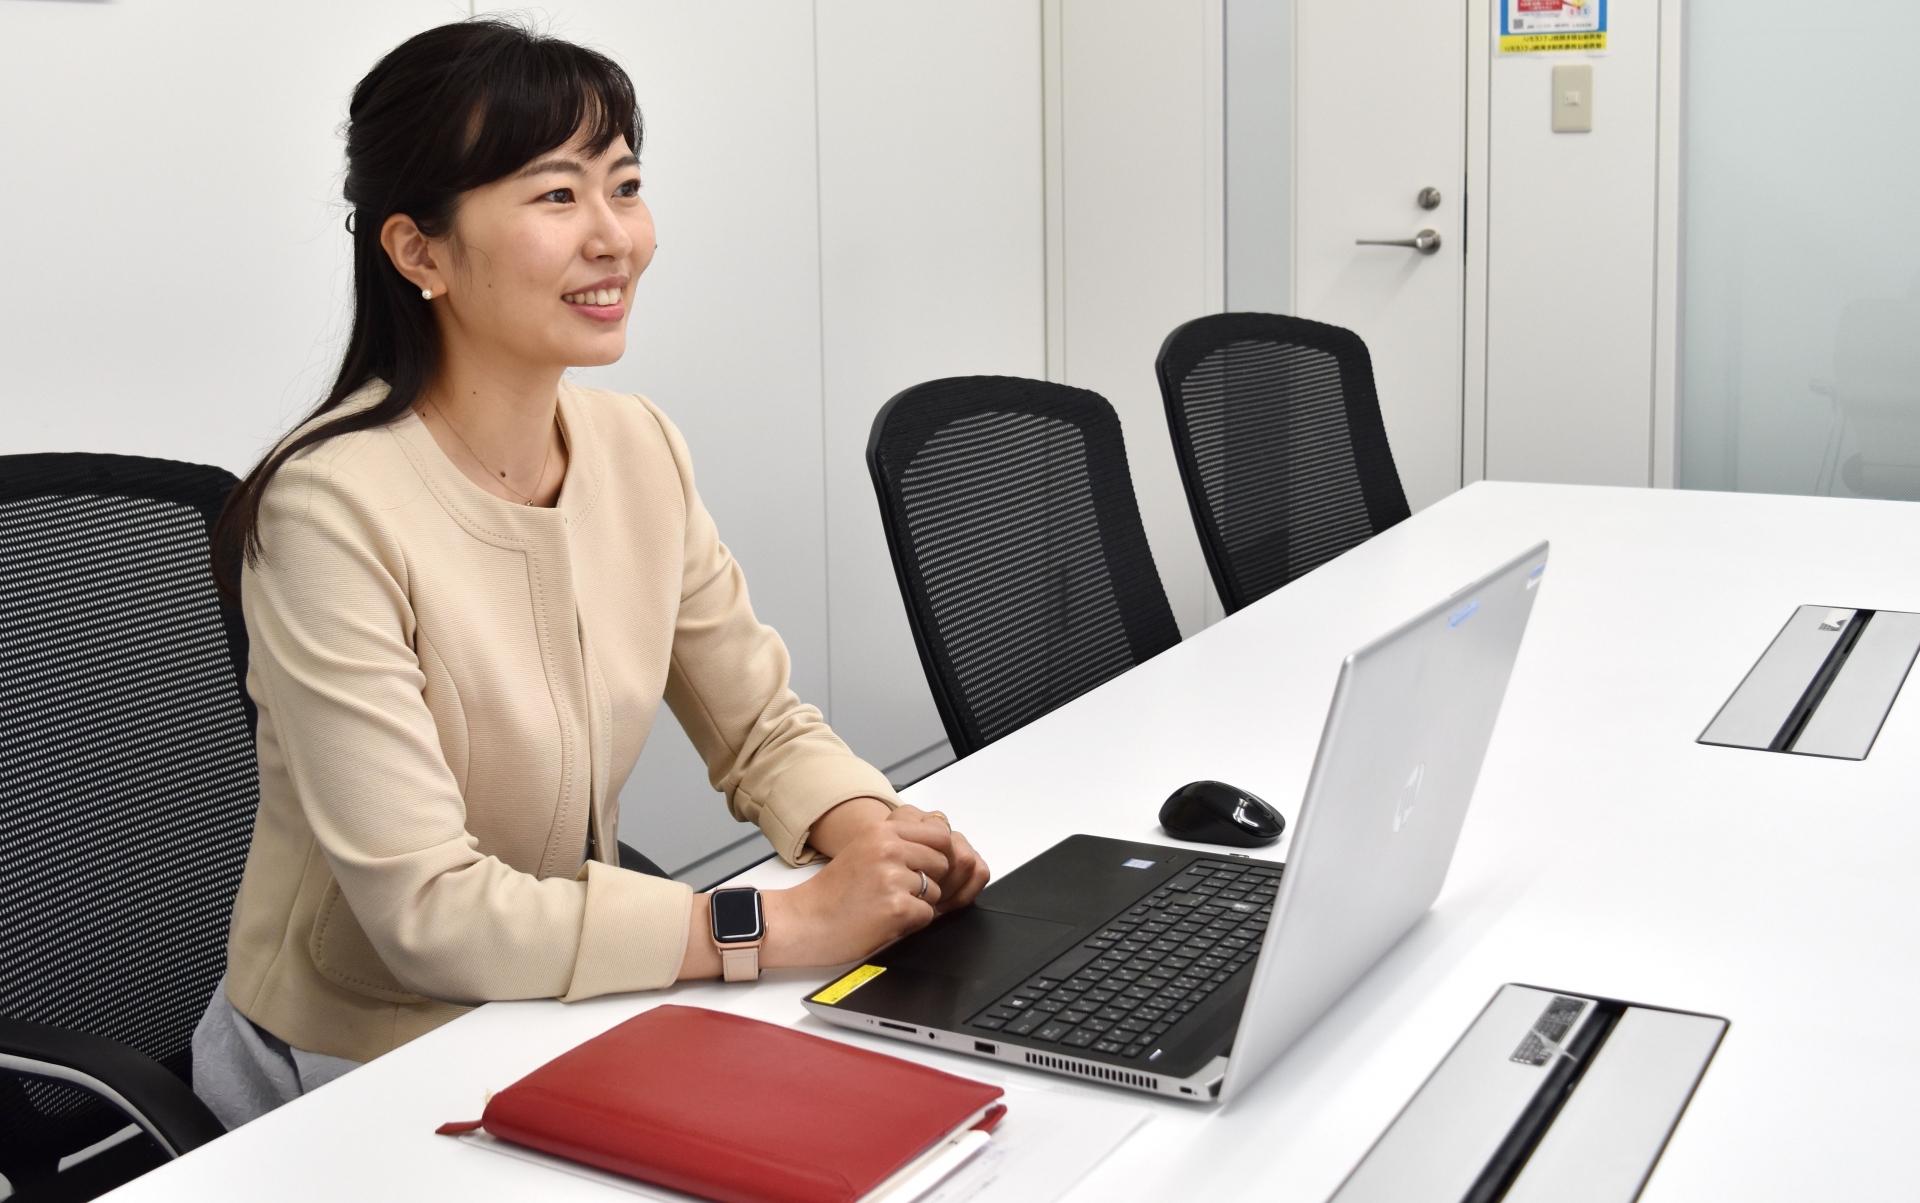 株式会社ハピネット 経営企画室 経営画企画部 広報チーム 大嶋 ゆきみ さま